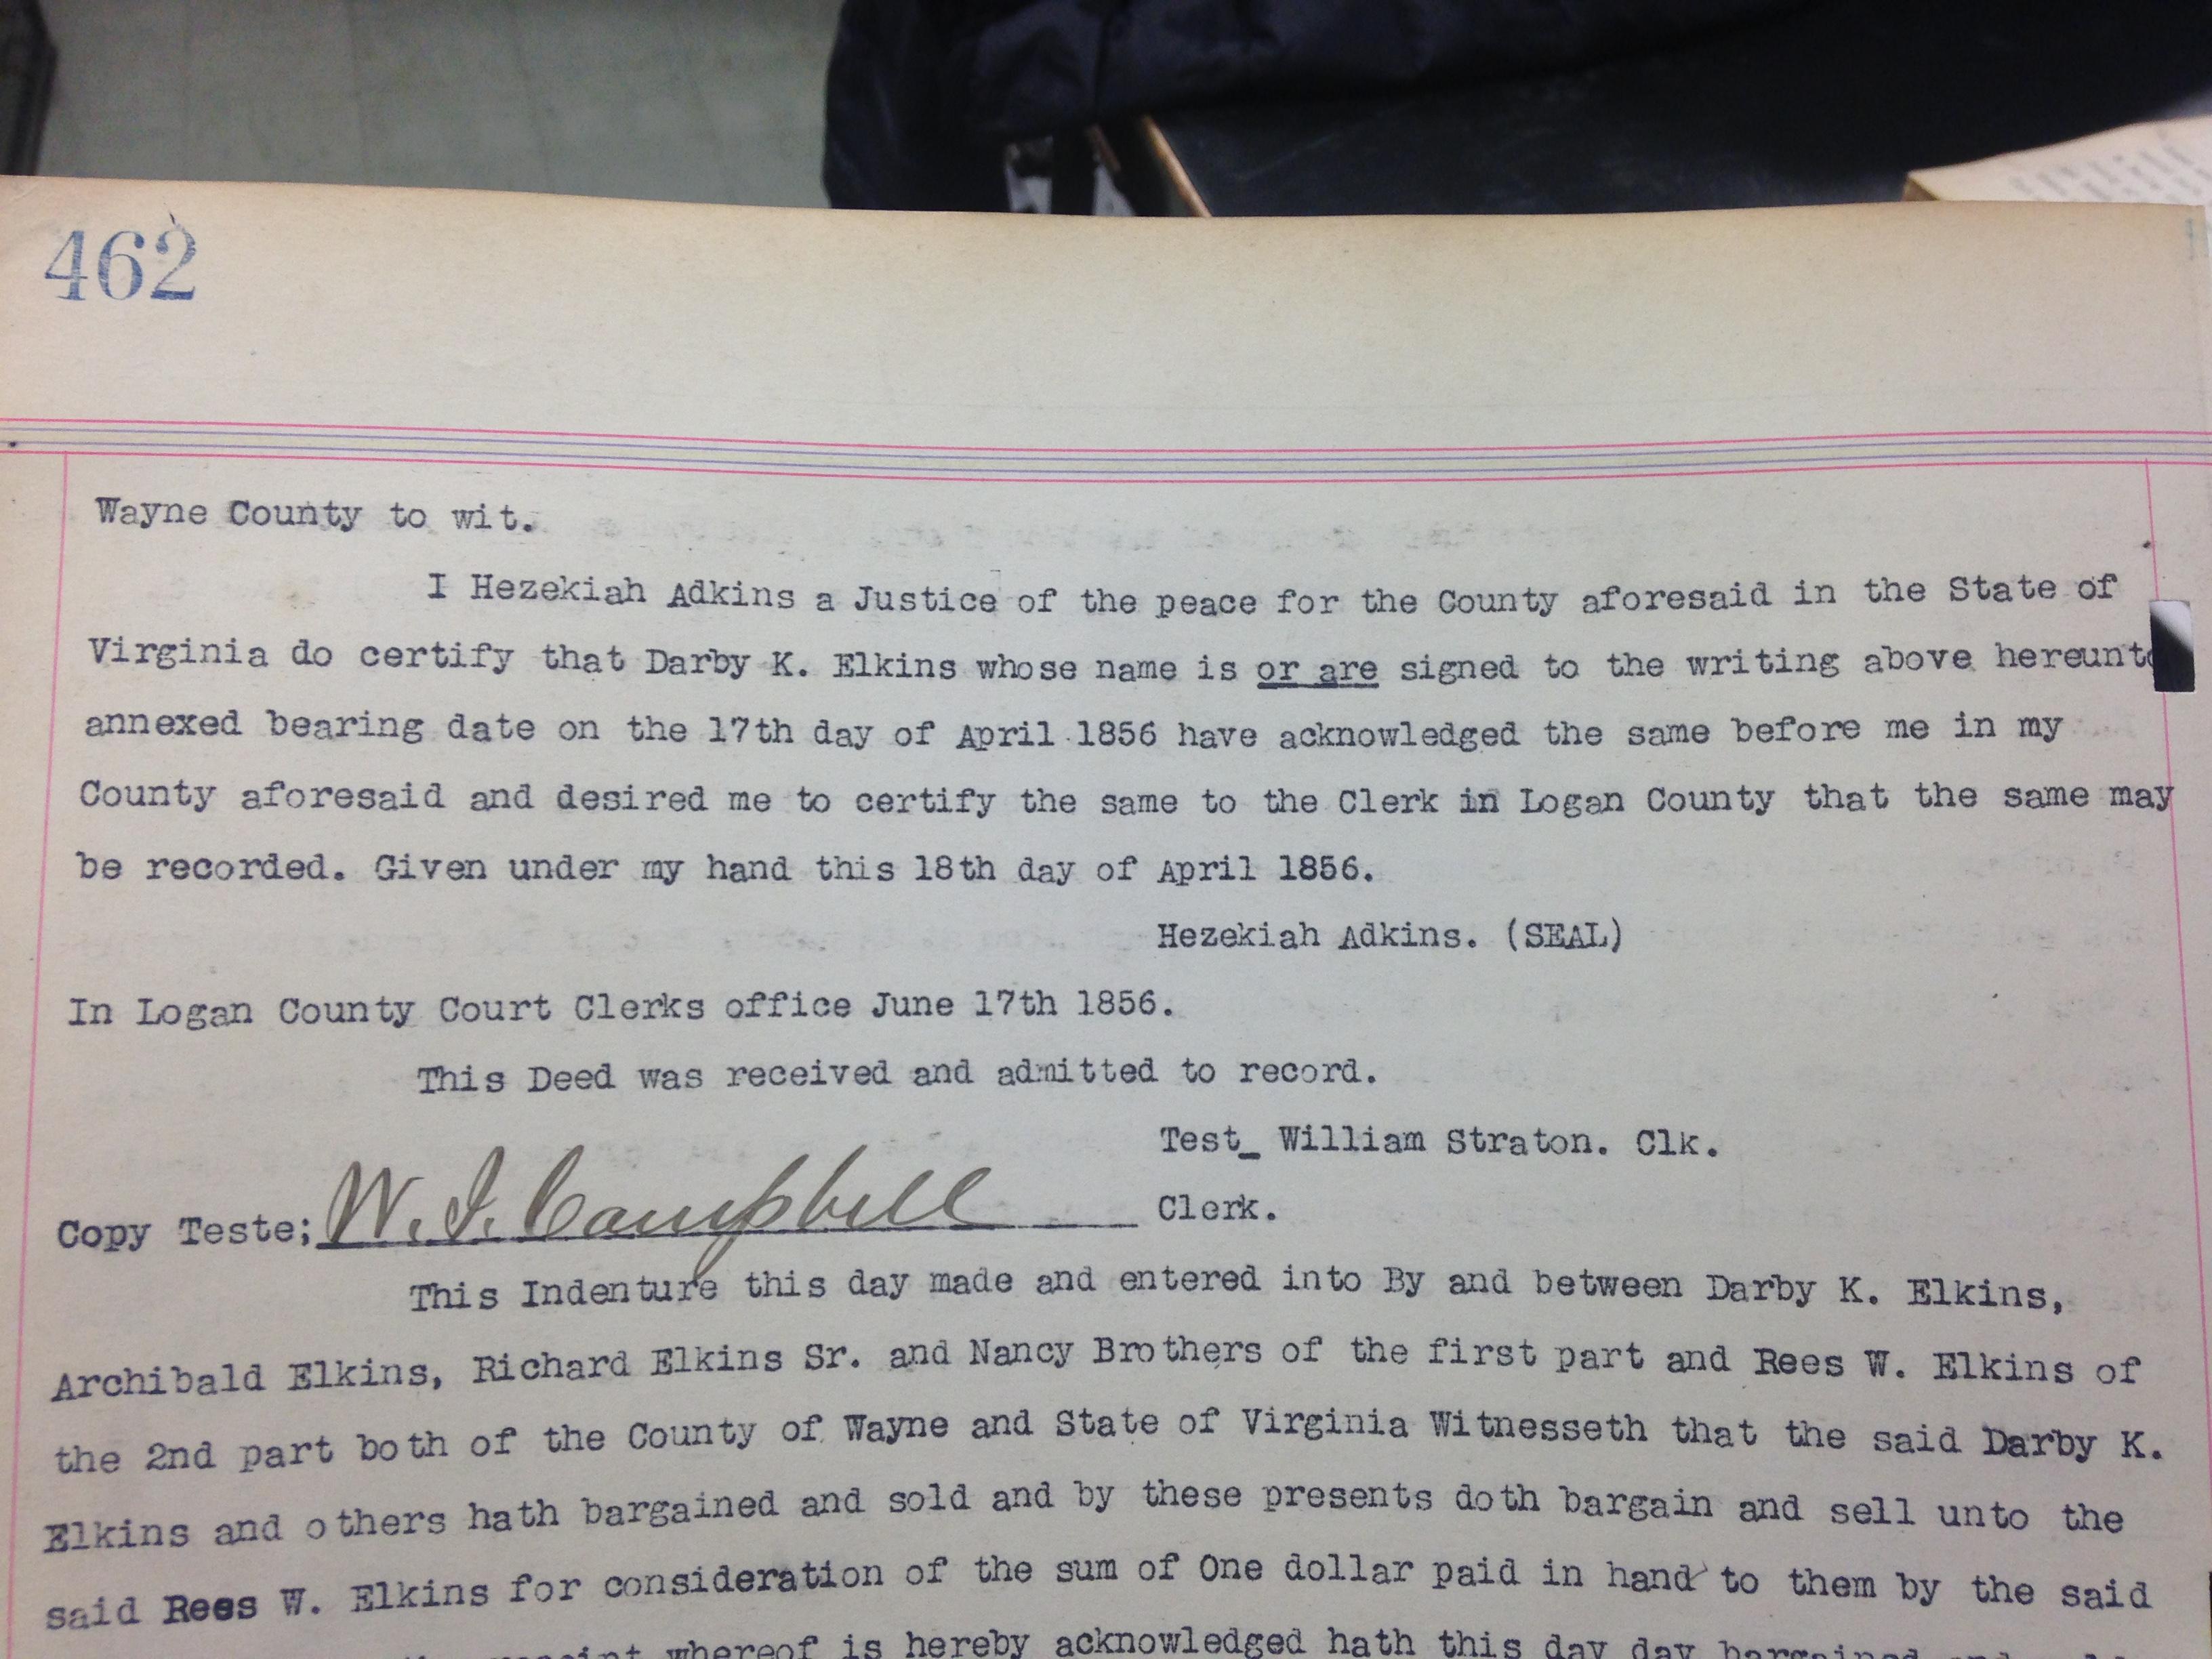 Darby K. Elkins to Reece W. Elkins Deed 2